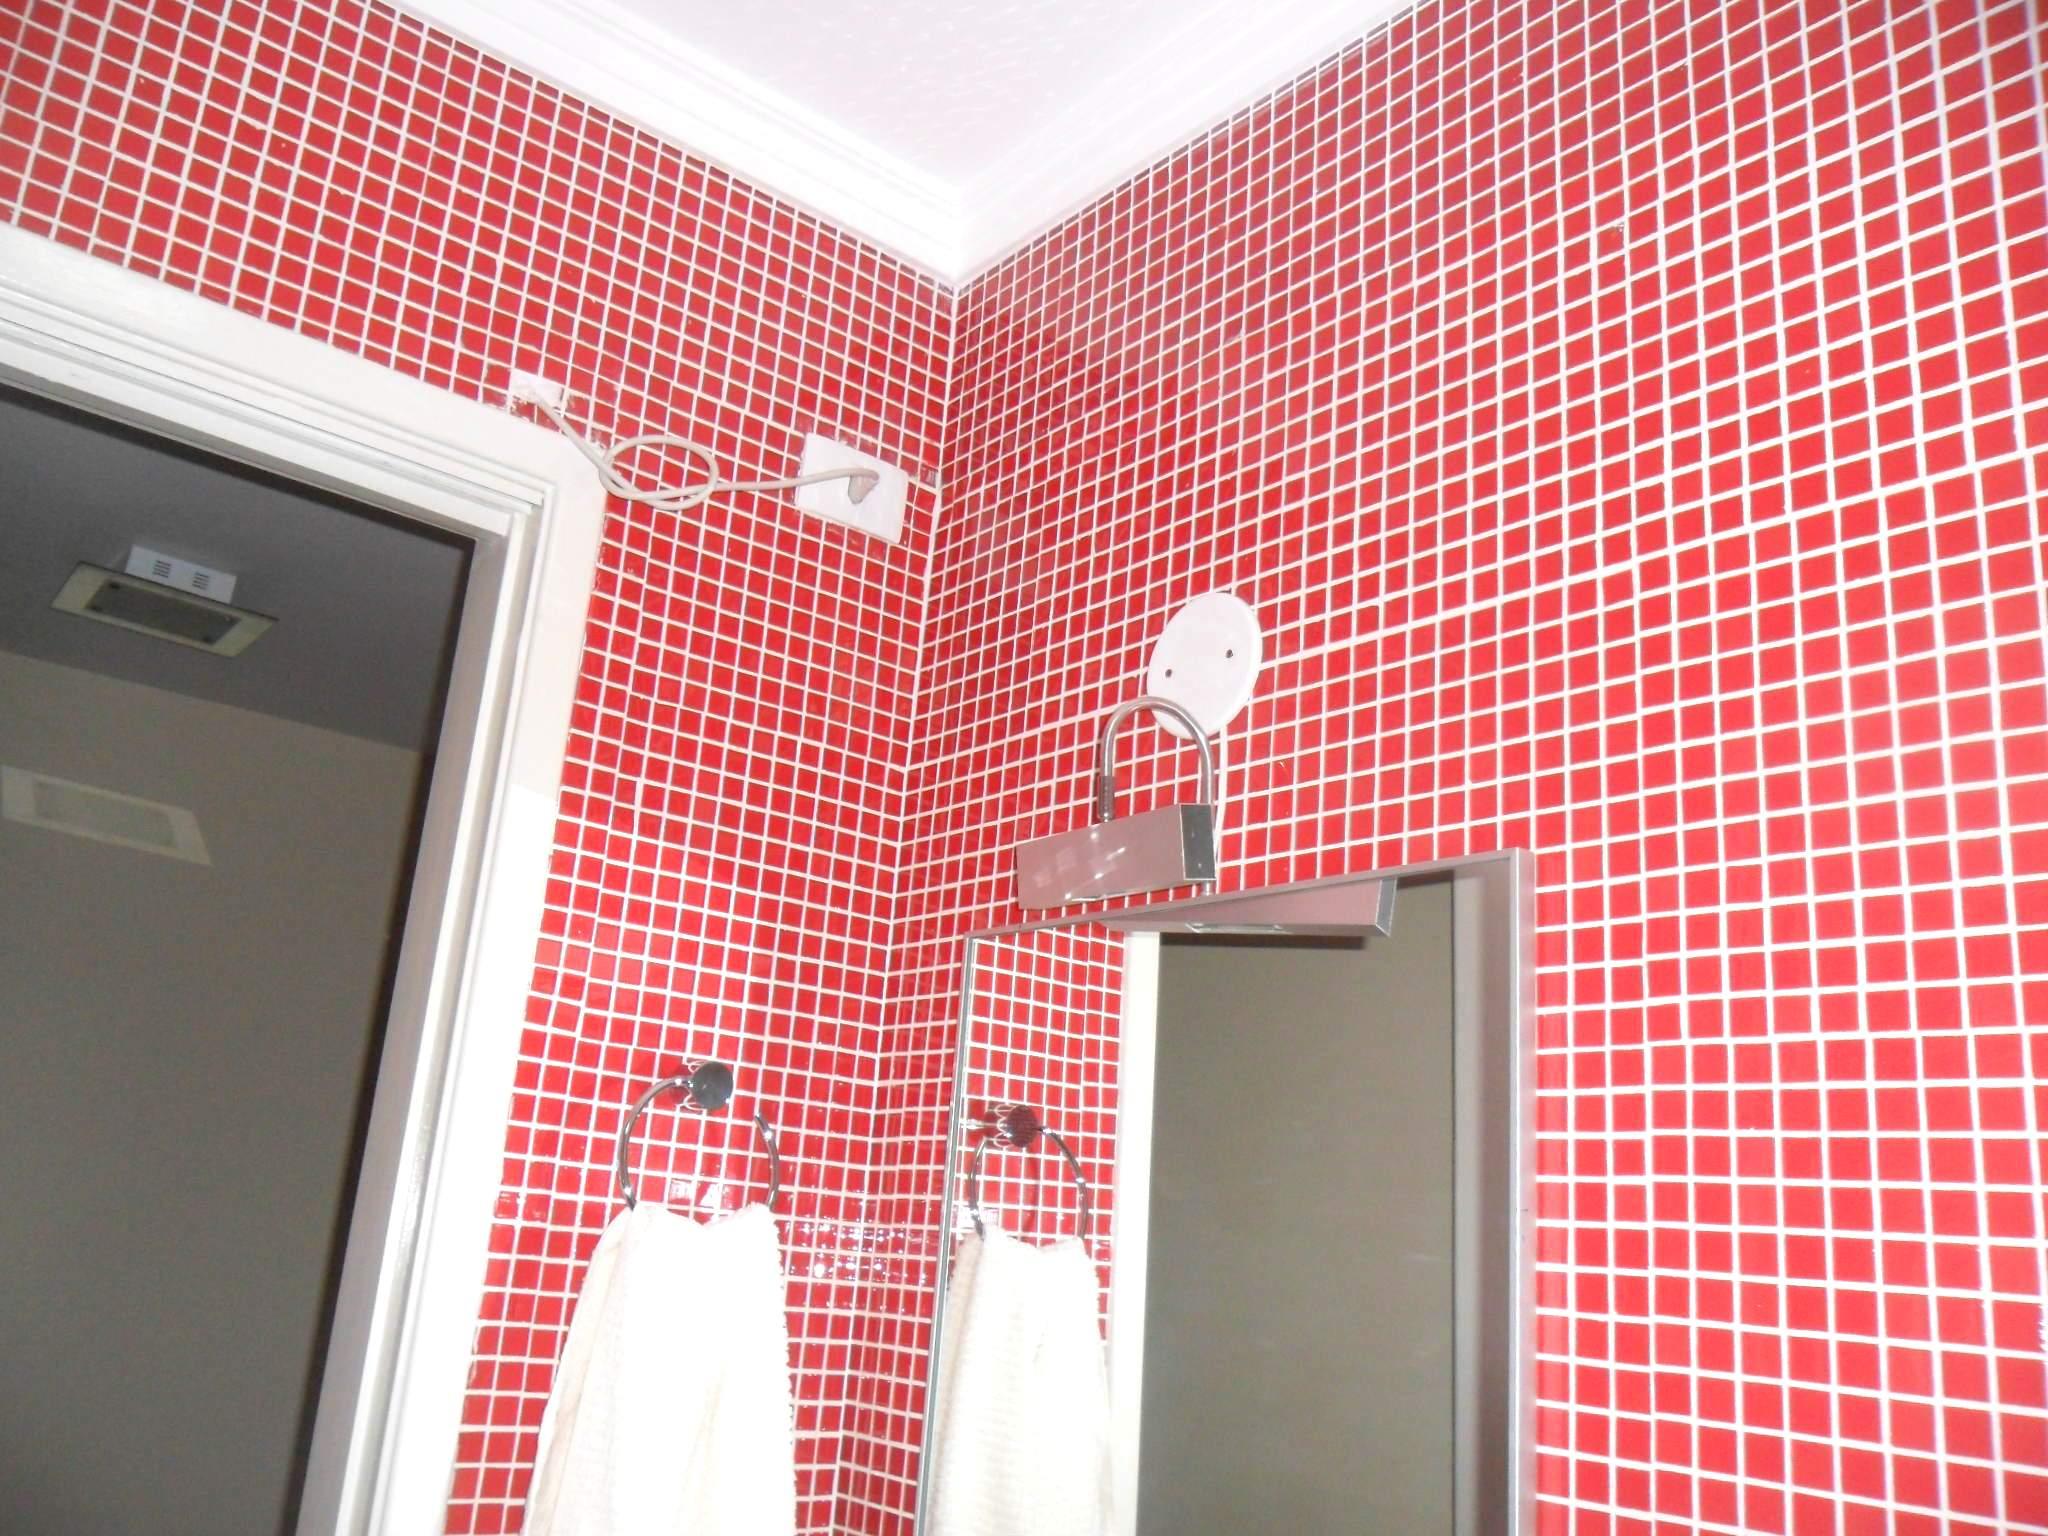 Banheiro com Pastilhas de Vidro  Sidneia SP #B71421 2048x1536 Banheiro Com Pastilha Vermelho